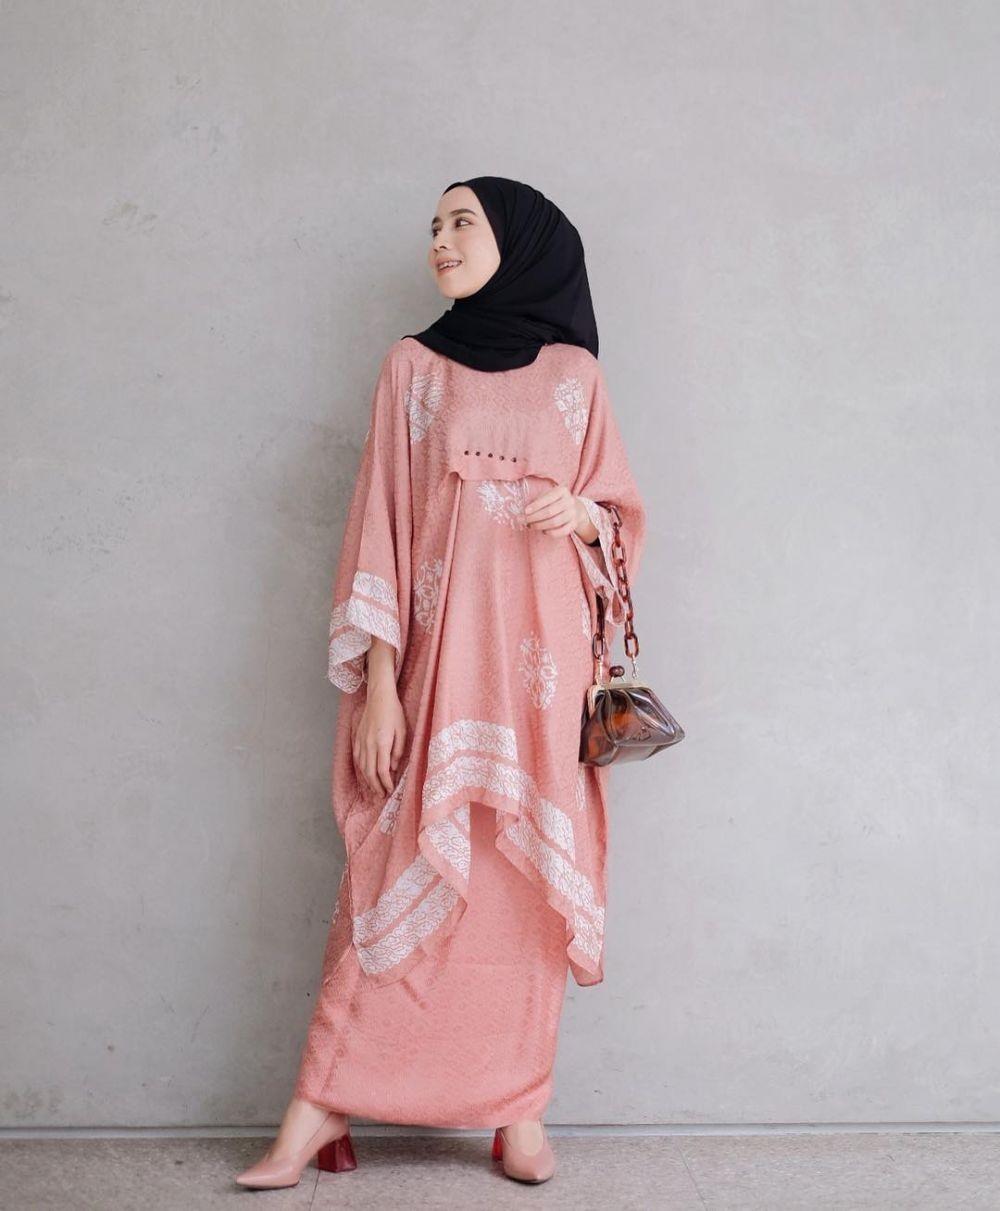 Style Kondangan Hijab Rizky Amelia, Feminin dengan Warna Nude & Bold